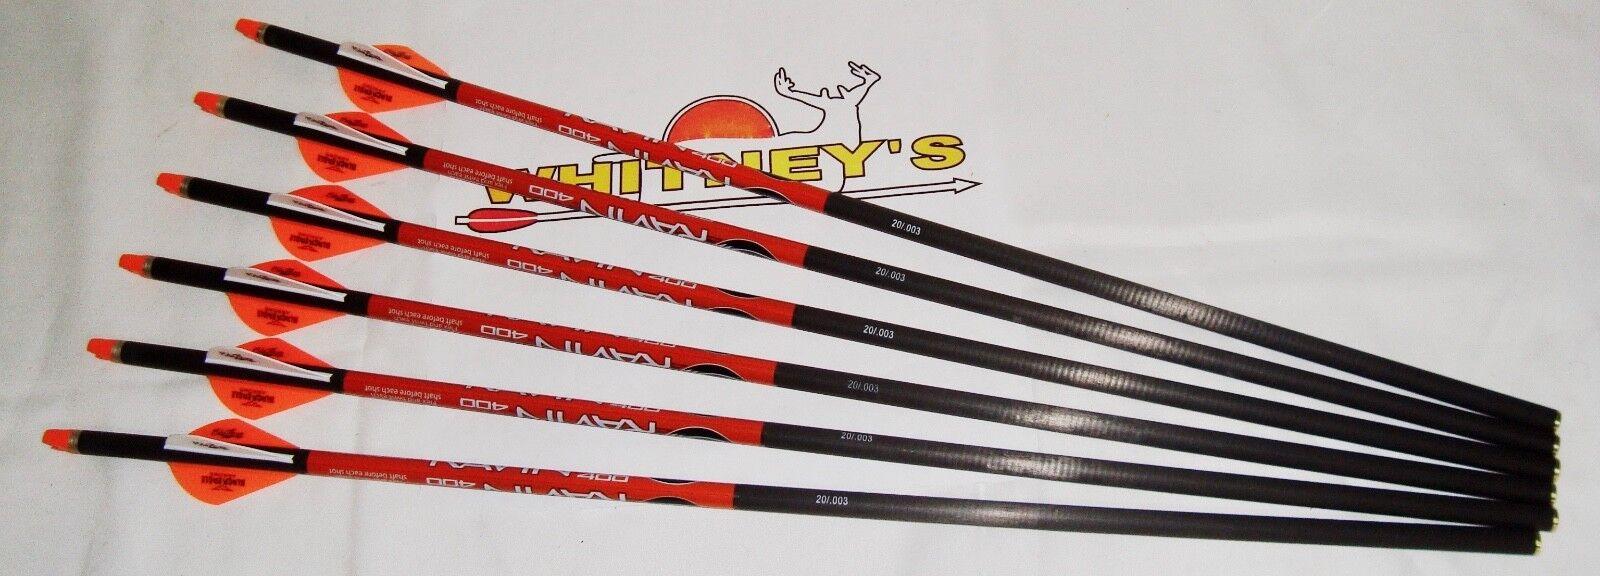 Barranco Ballesta Xbow Tornillos Flechas 400 grano 6PK R138  .003  Envío rápido y el mejor servicio